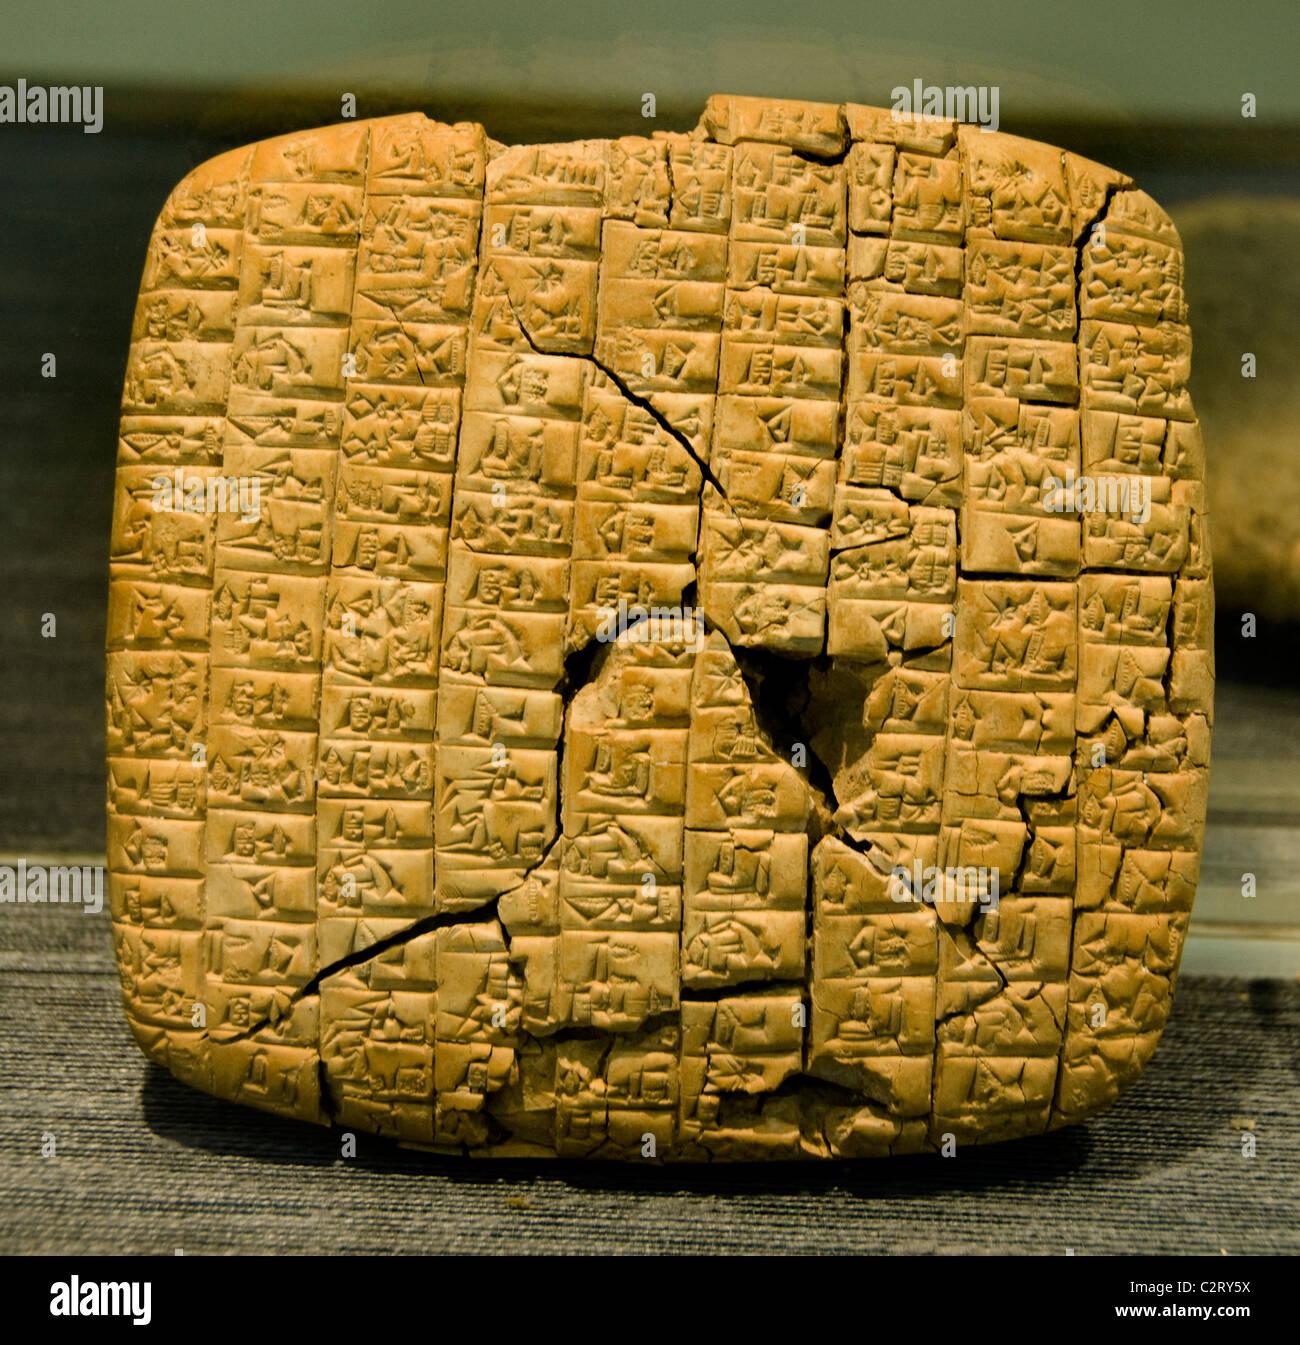 L'un des 15 000 tablets tablet Archives 2400 Royal BC Public du Palace G Ebla en Syrie Syrie ( Paolo Matthiae<! Photo Stock